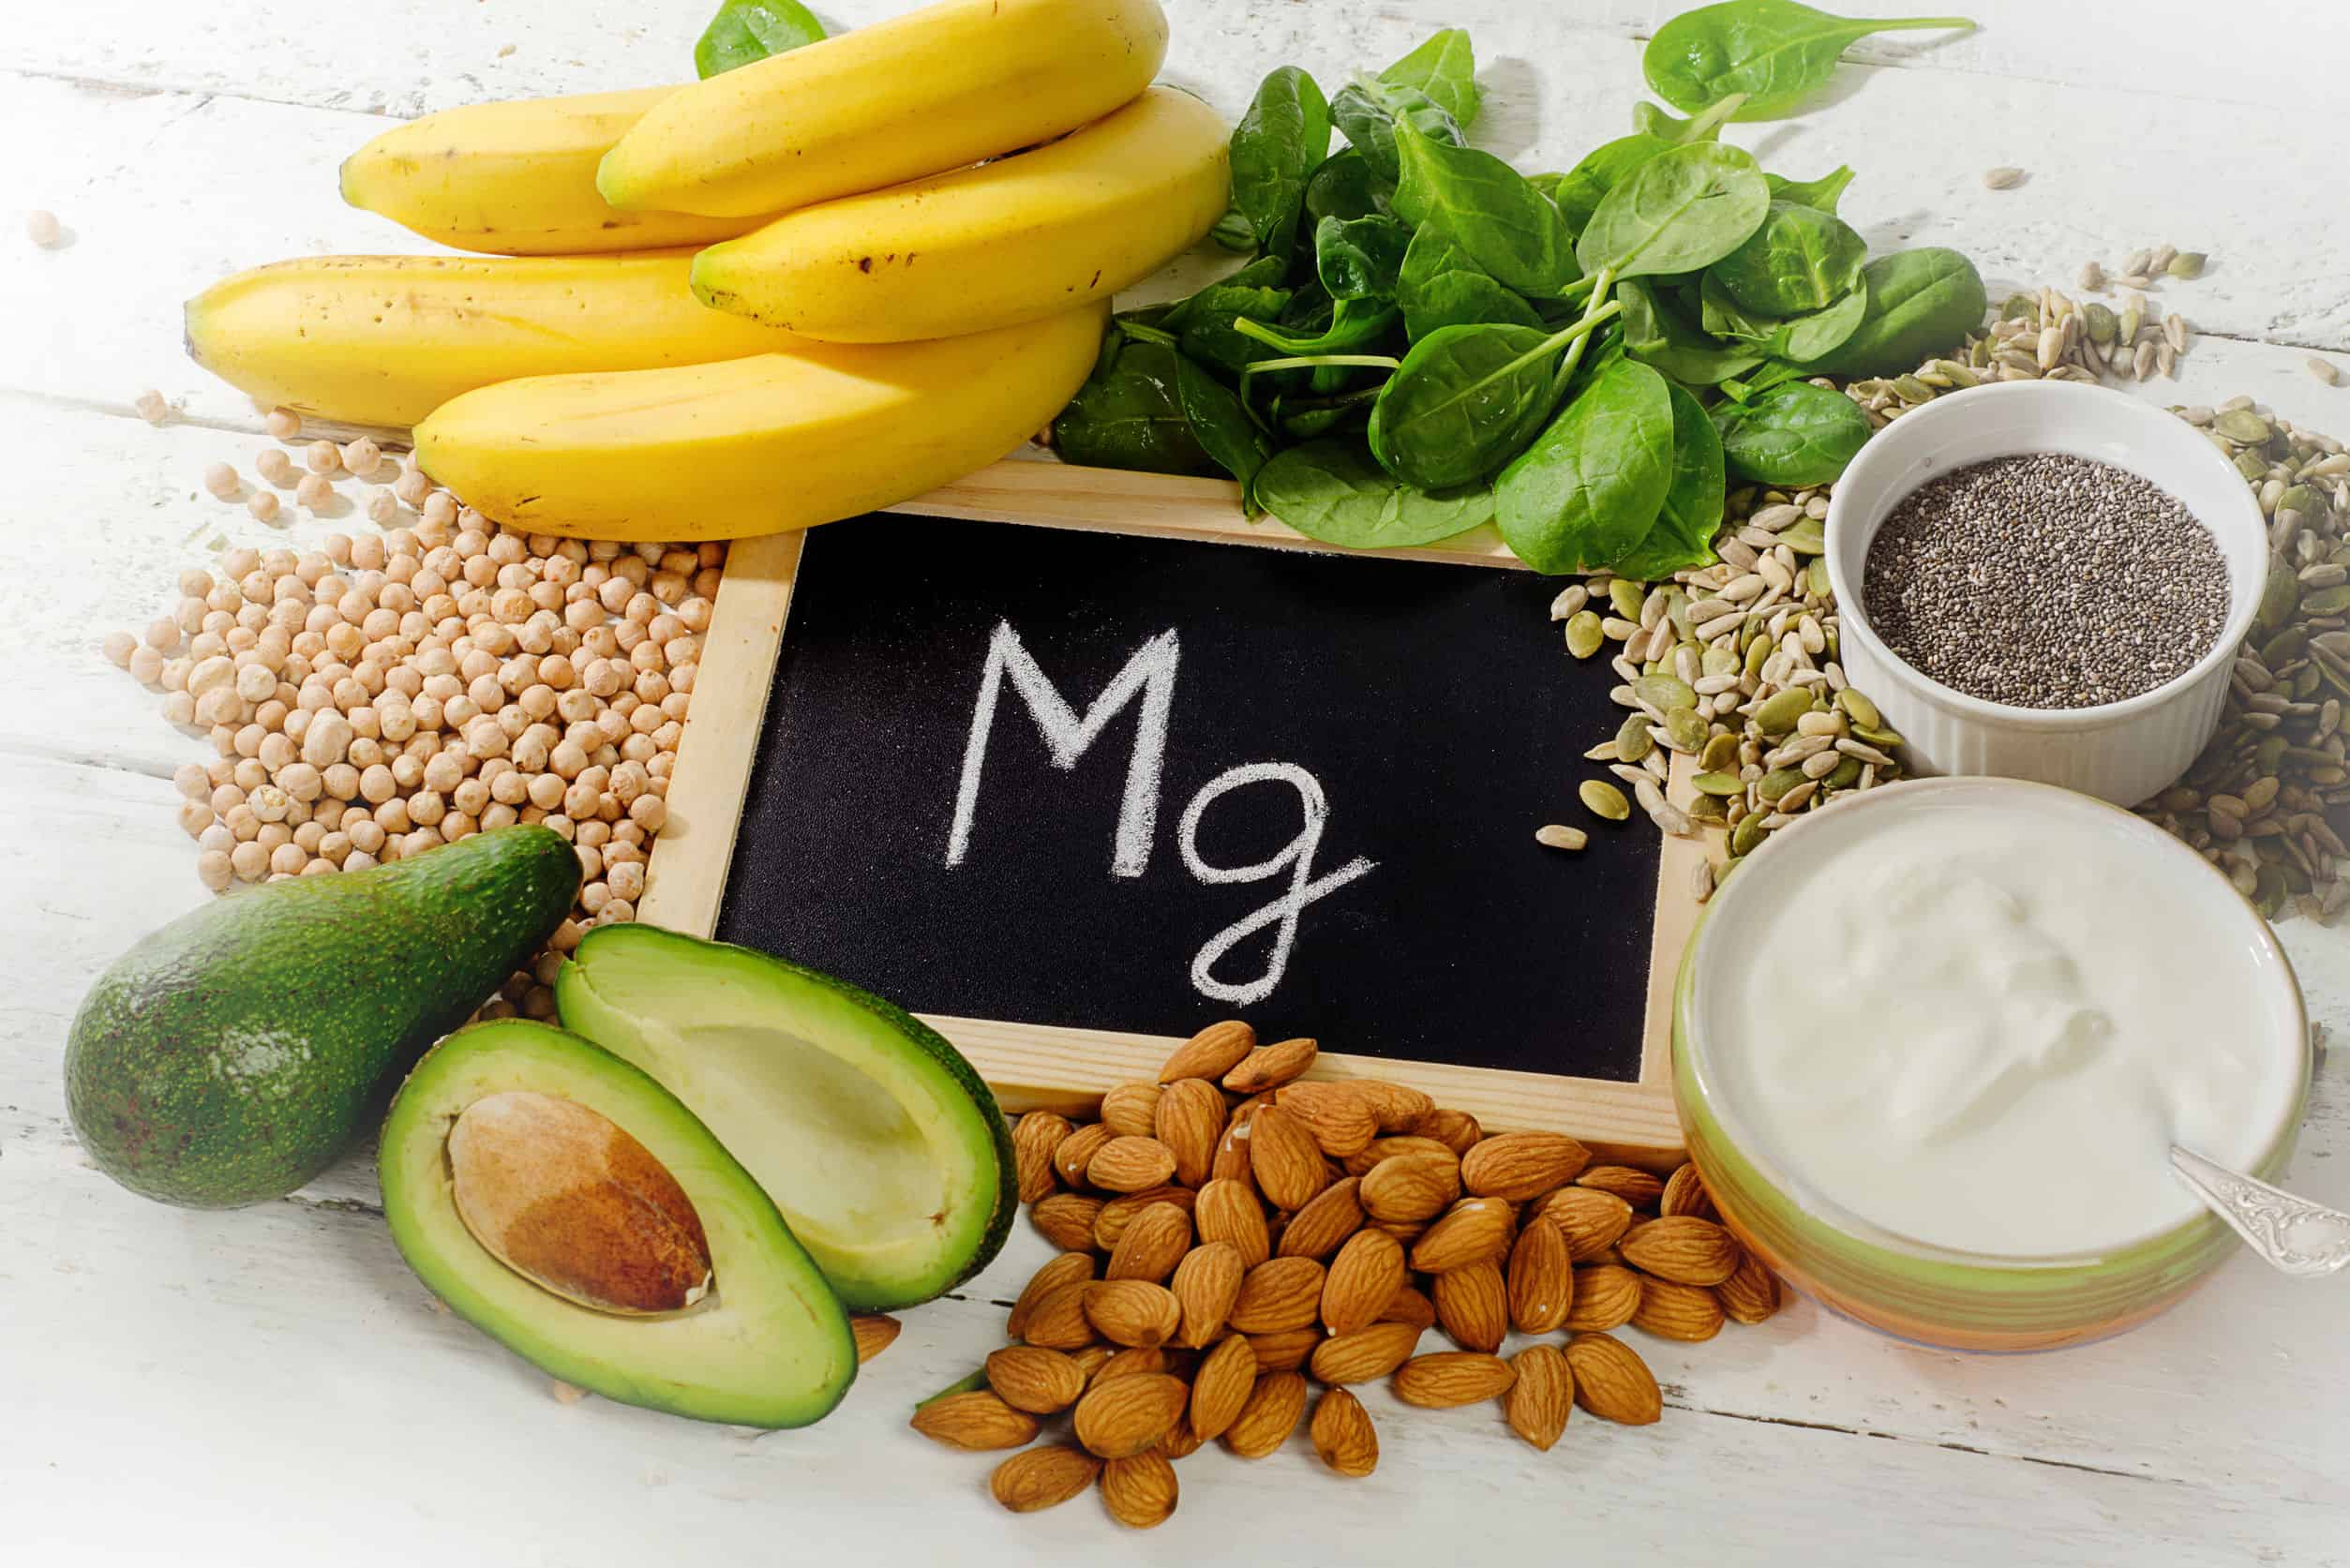 Magnesiumcitrat: Test & Empfehlungen (09/20)